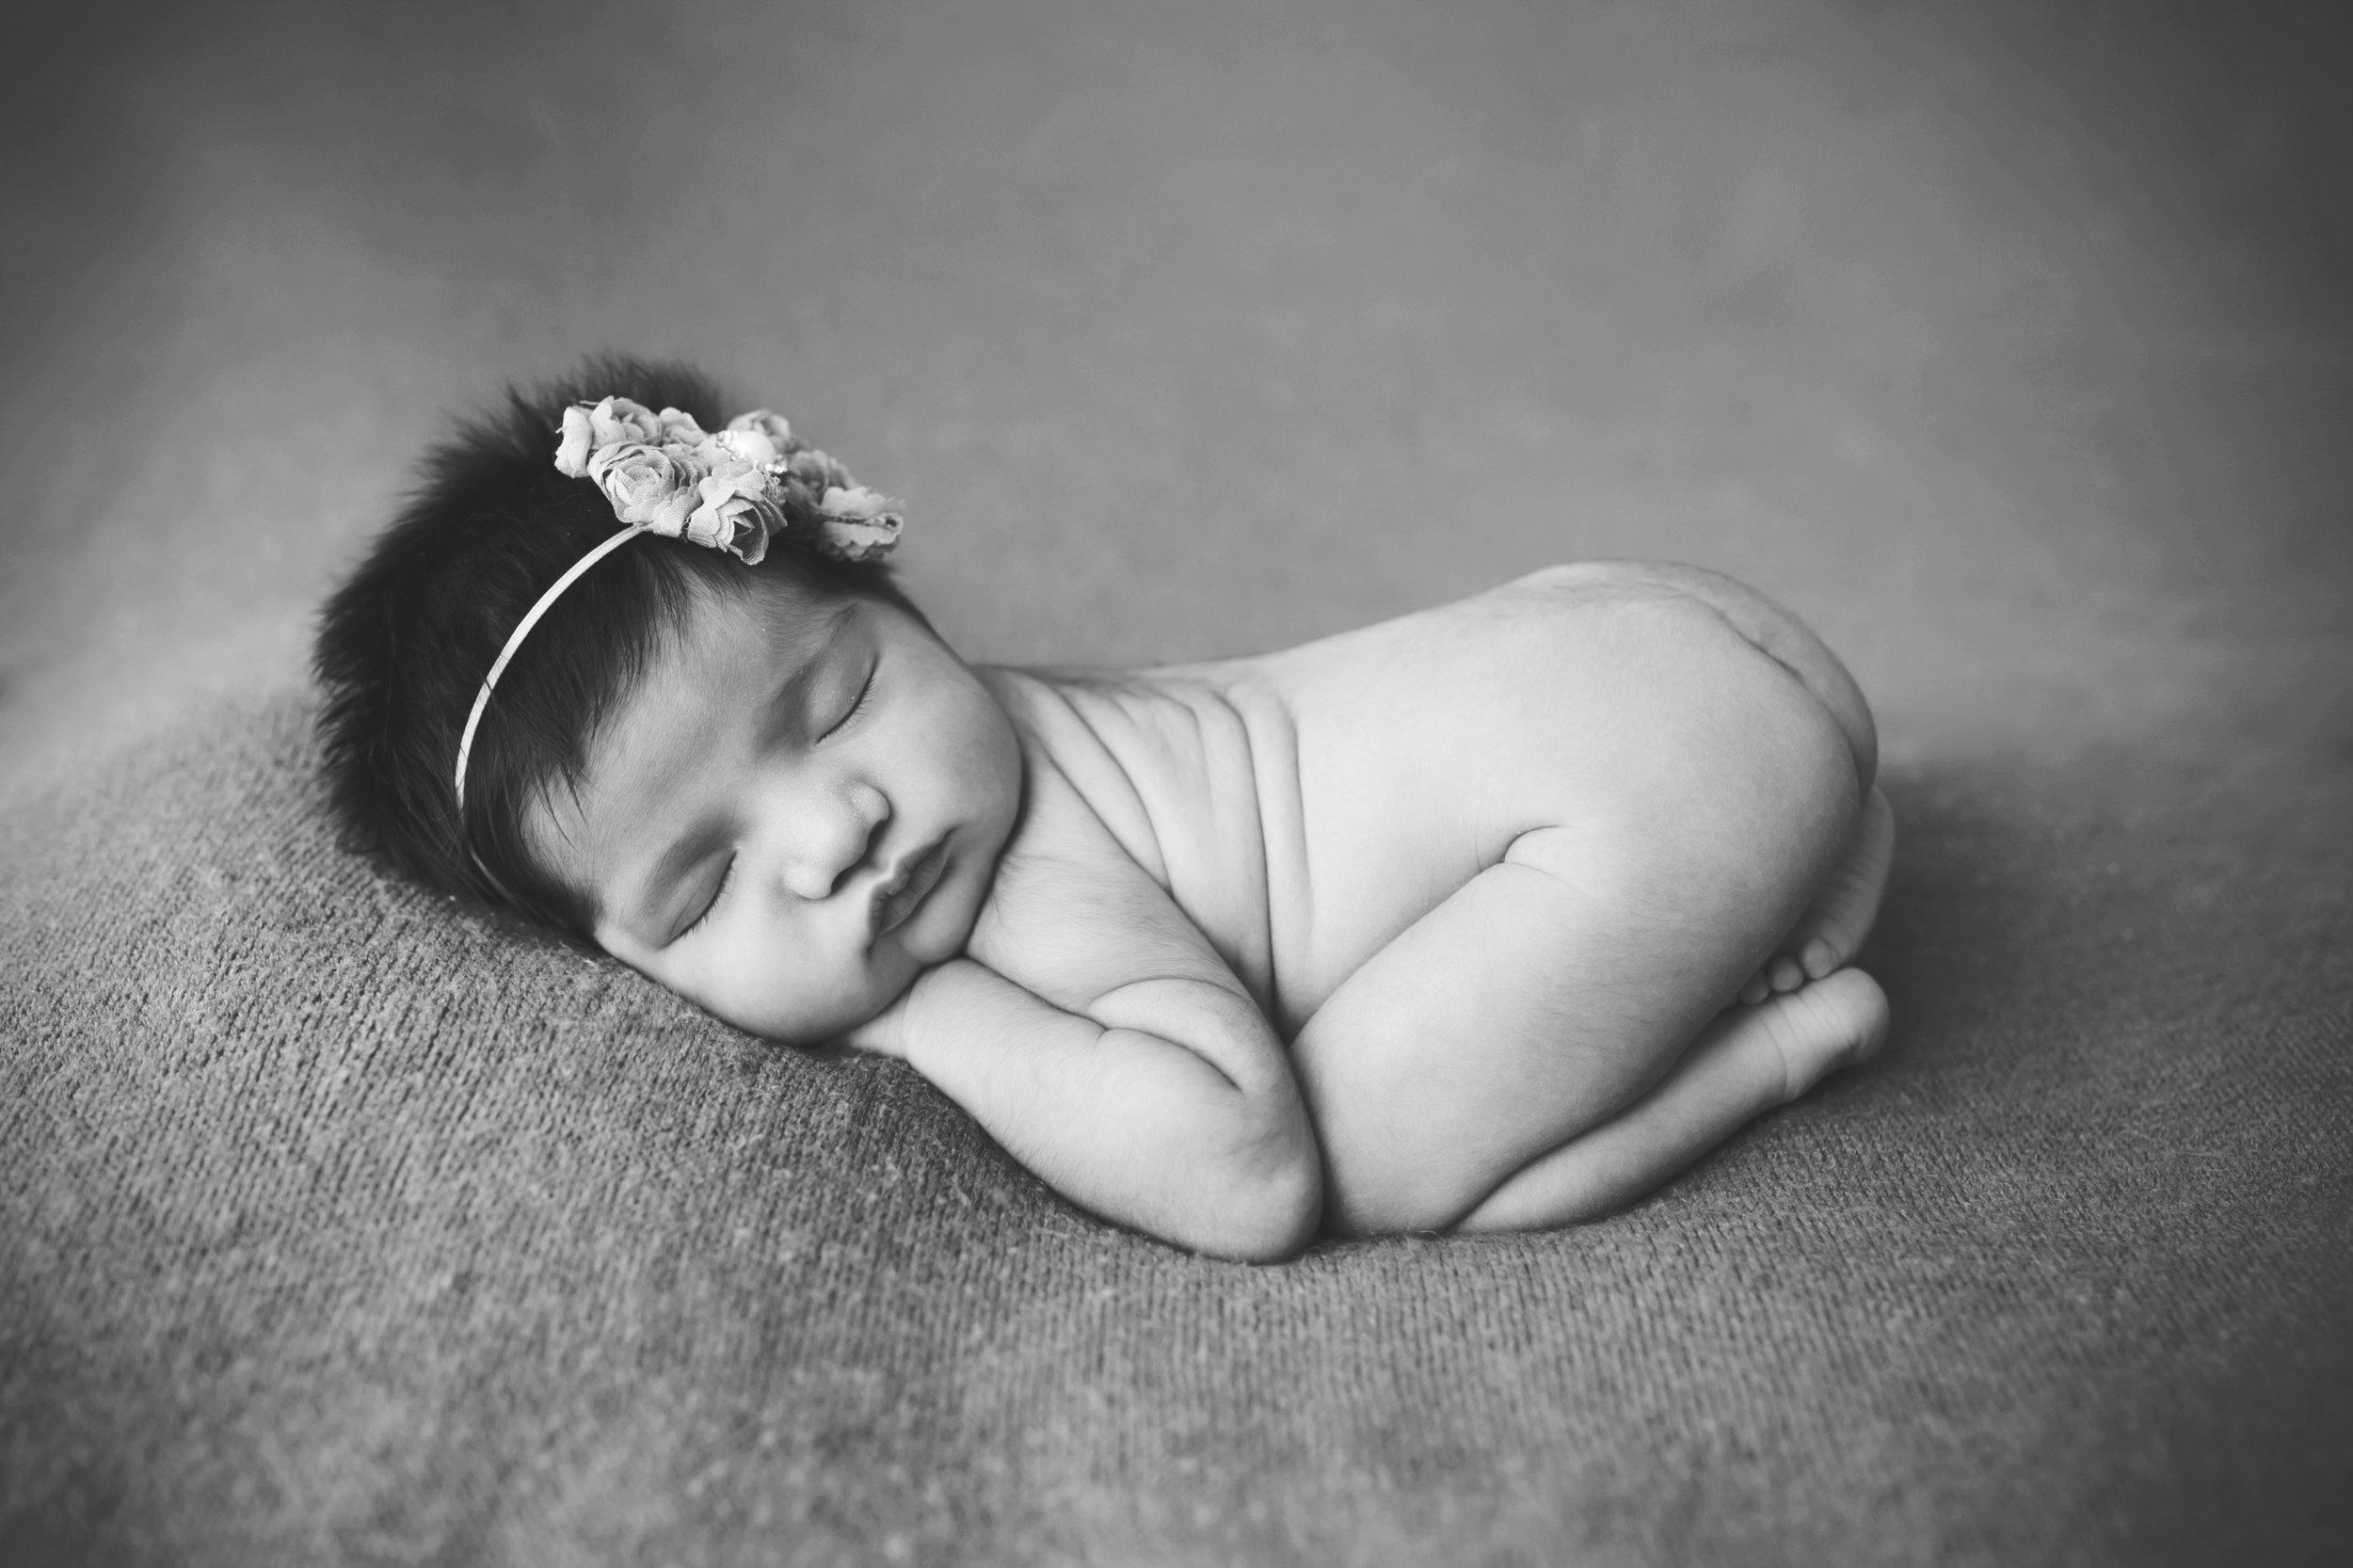 newborn-blackandwhite-studio-posed-124.jpg